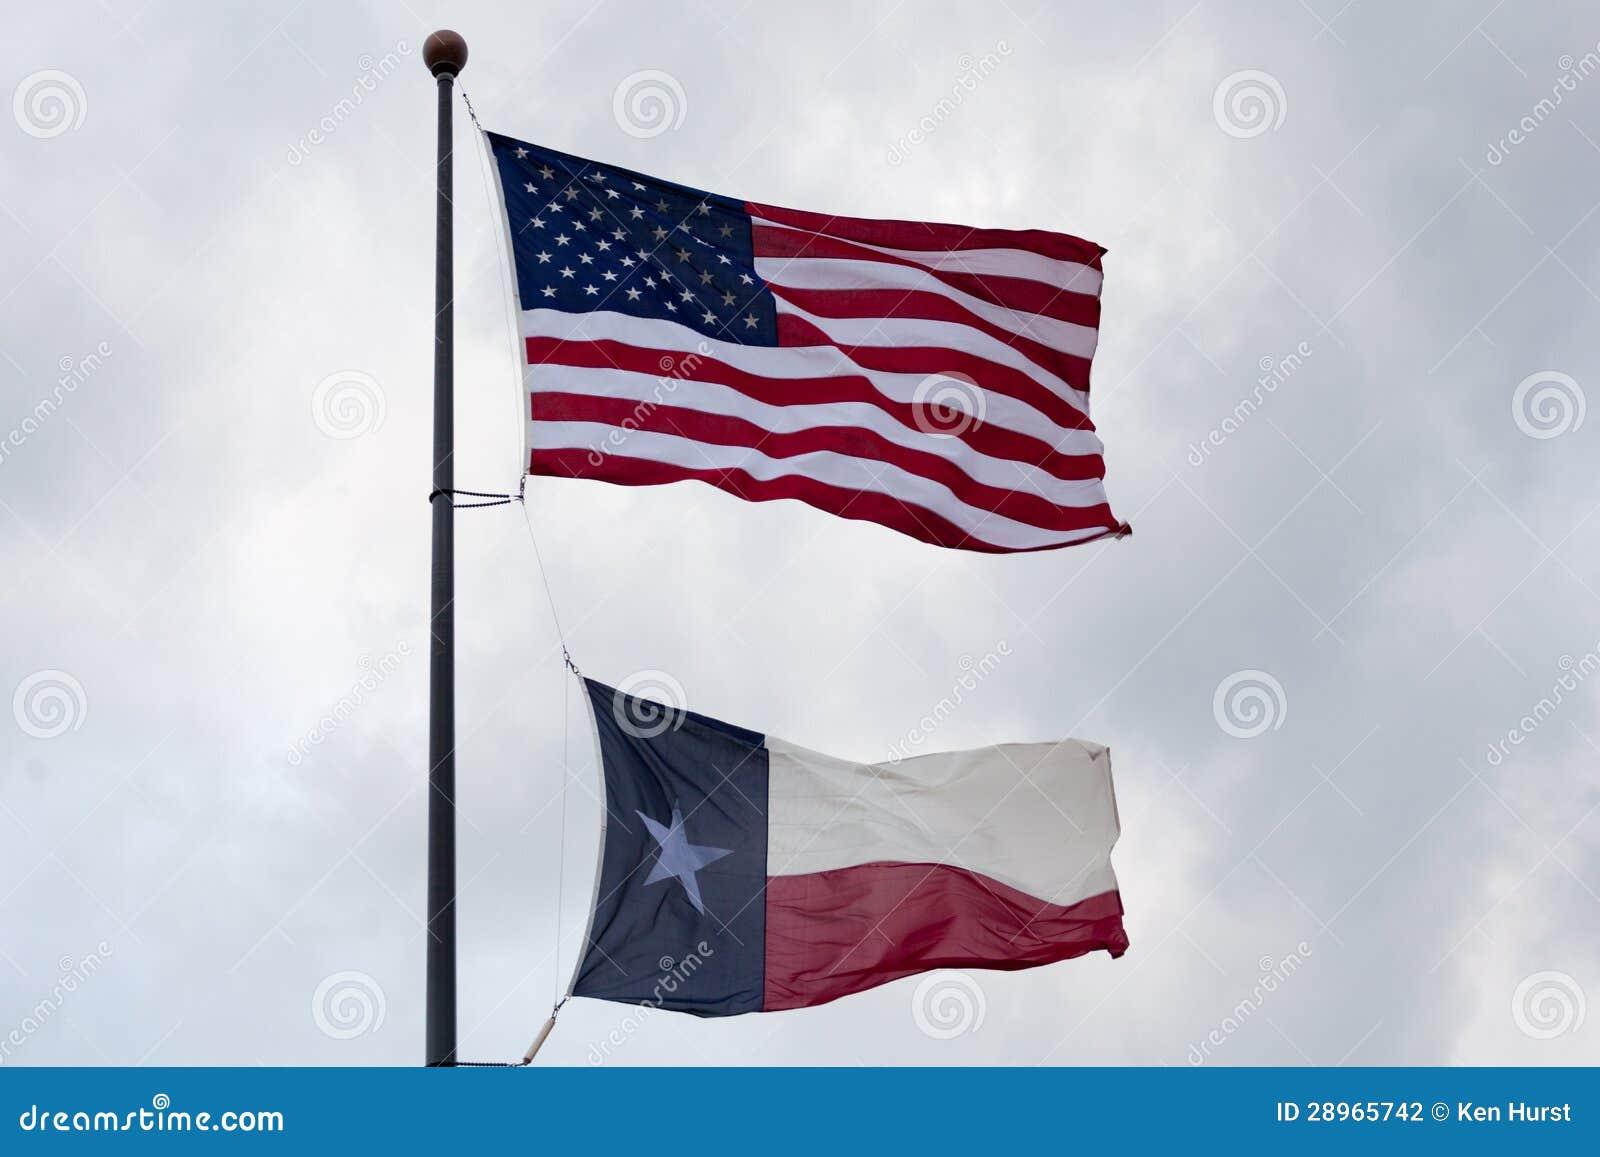 Fantastisch Gerahmte Amerikanische Flagge Zeitgenössisch - Rahmen ...